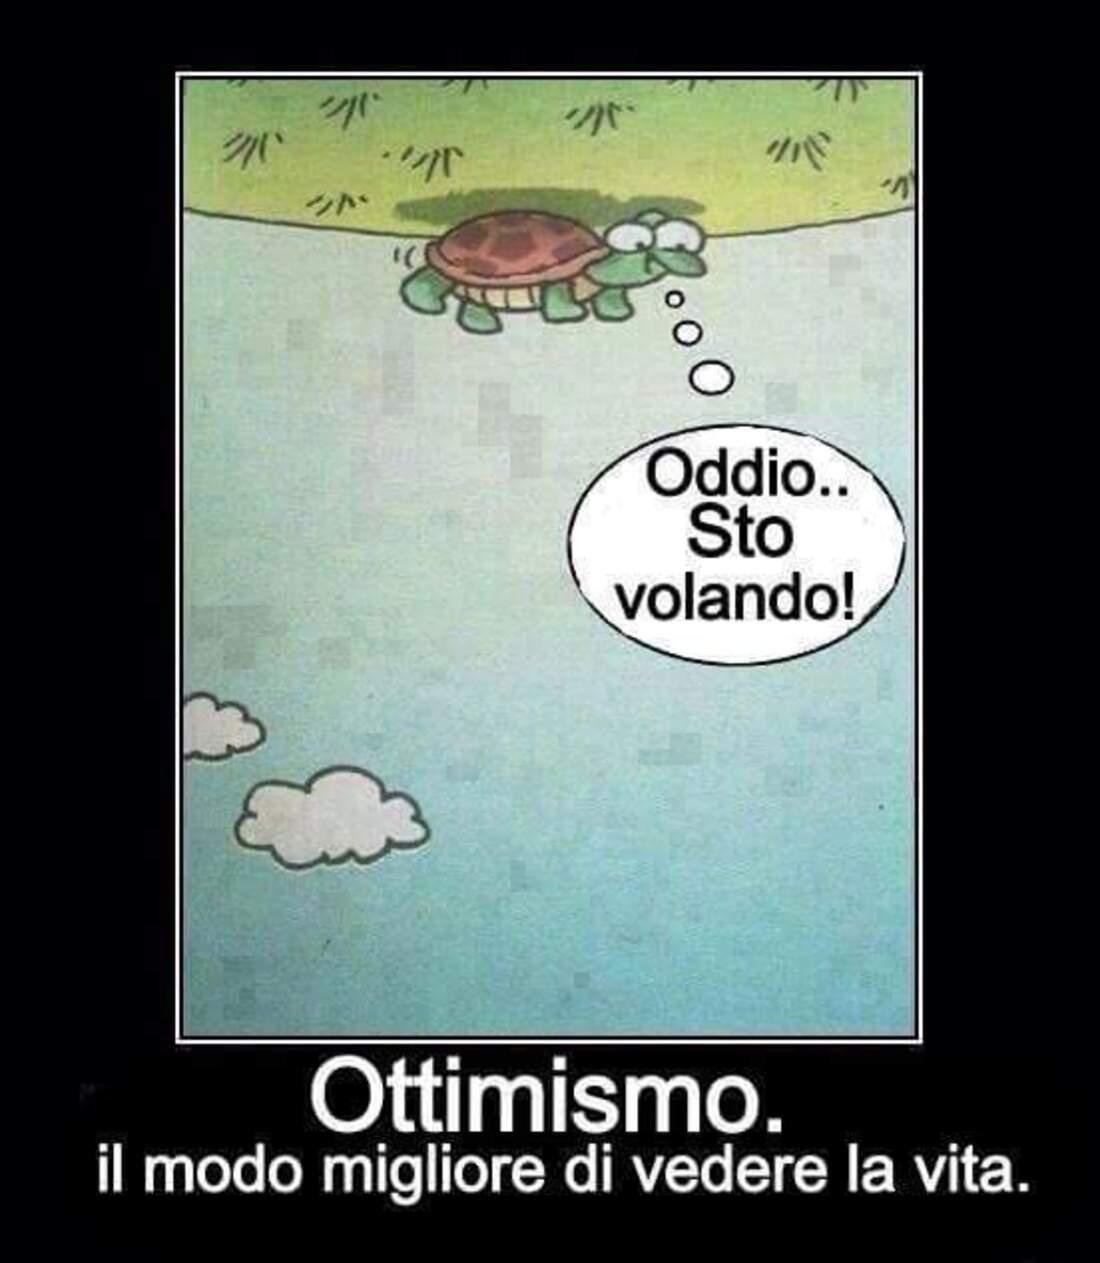 Oddio... Sto volando! Ottimismo: il modo migliore di vedere la vita.